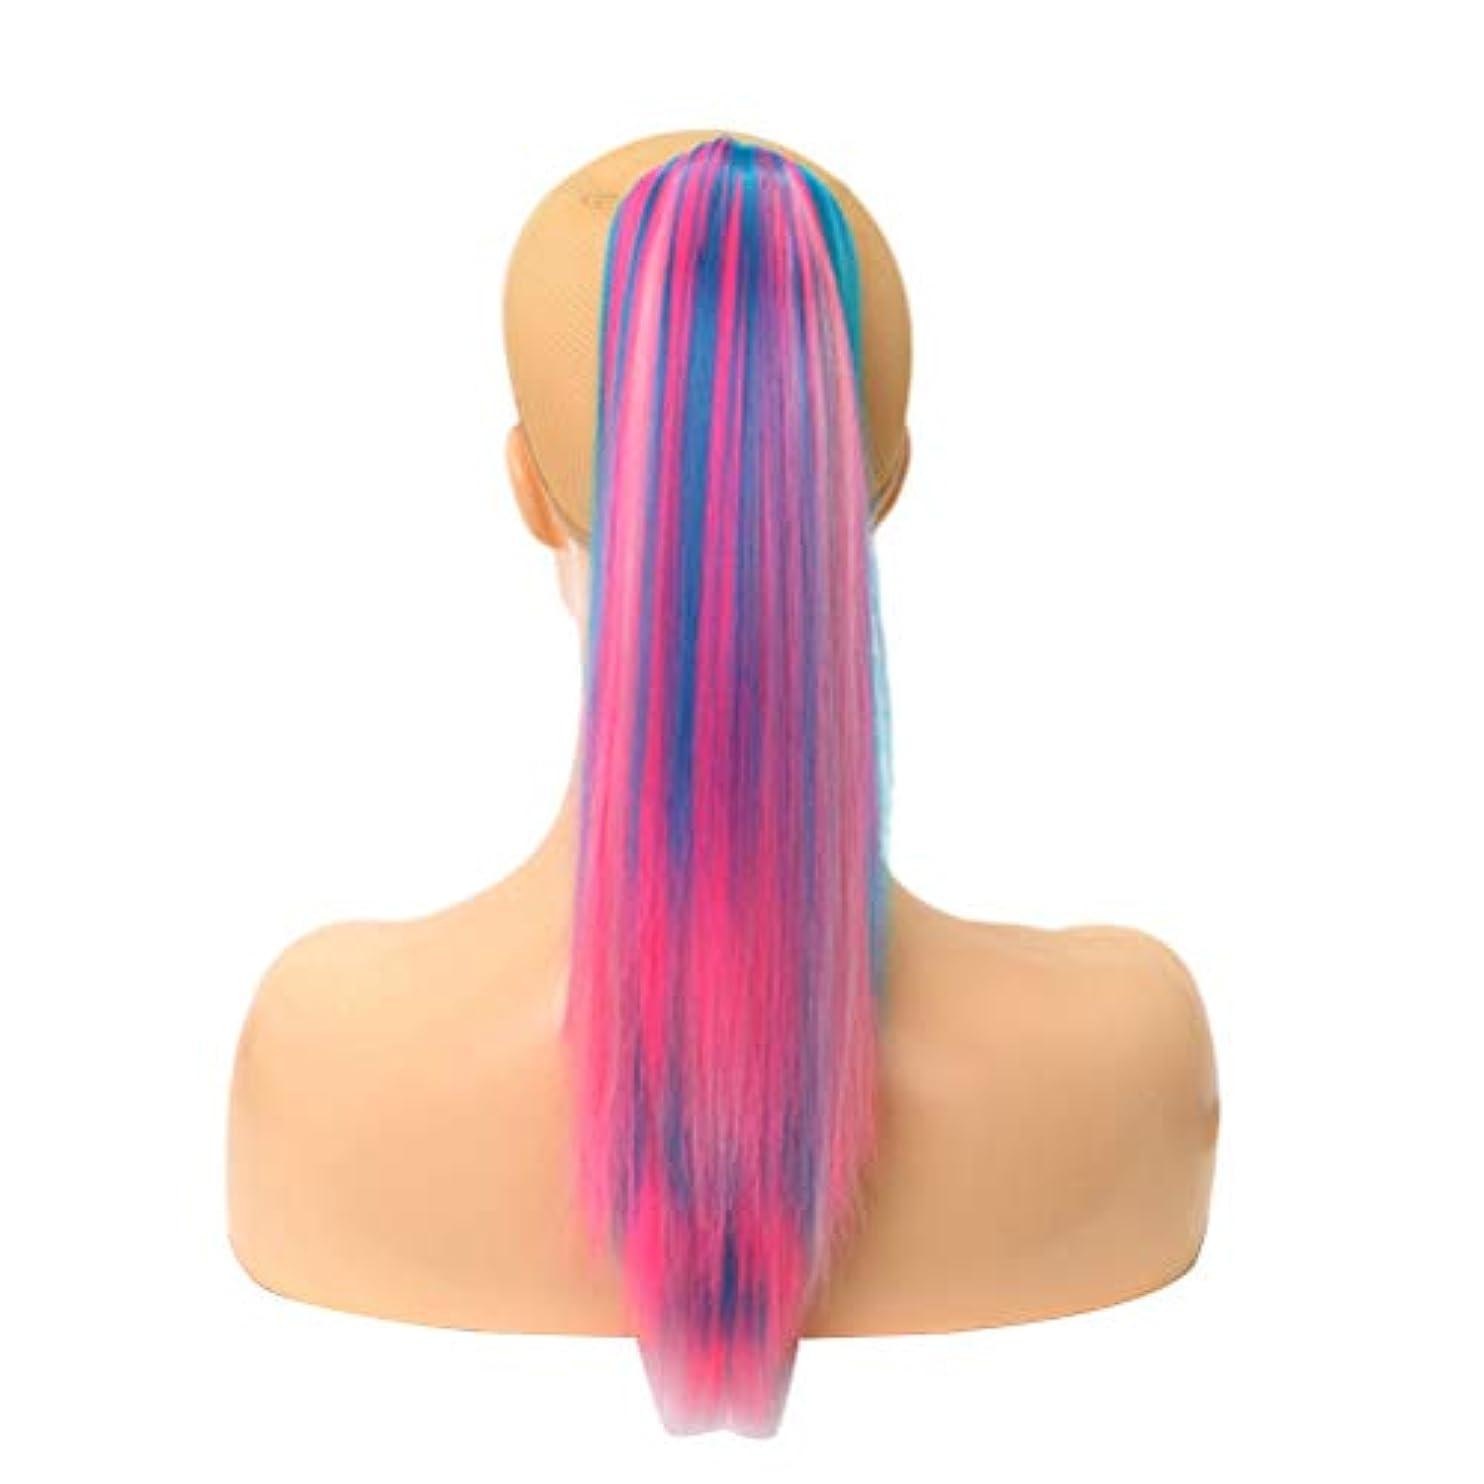 宇宙のゴールドアLurroseロングストレートガール爪ポニーテールクリップヘアエクステンショングラデーションウィッグヘアジョークリップヘアピース女性